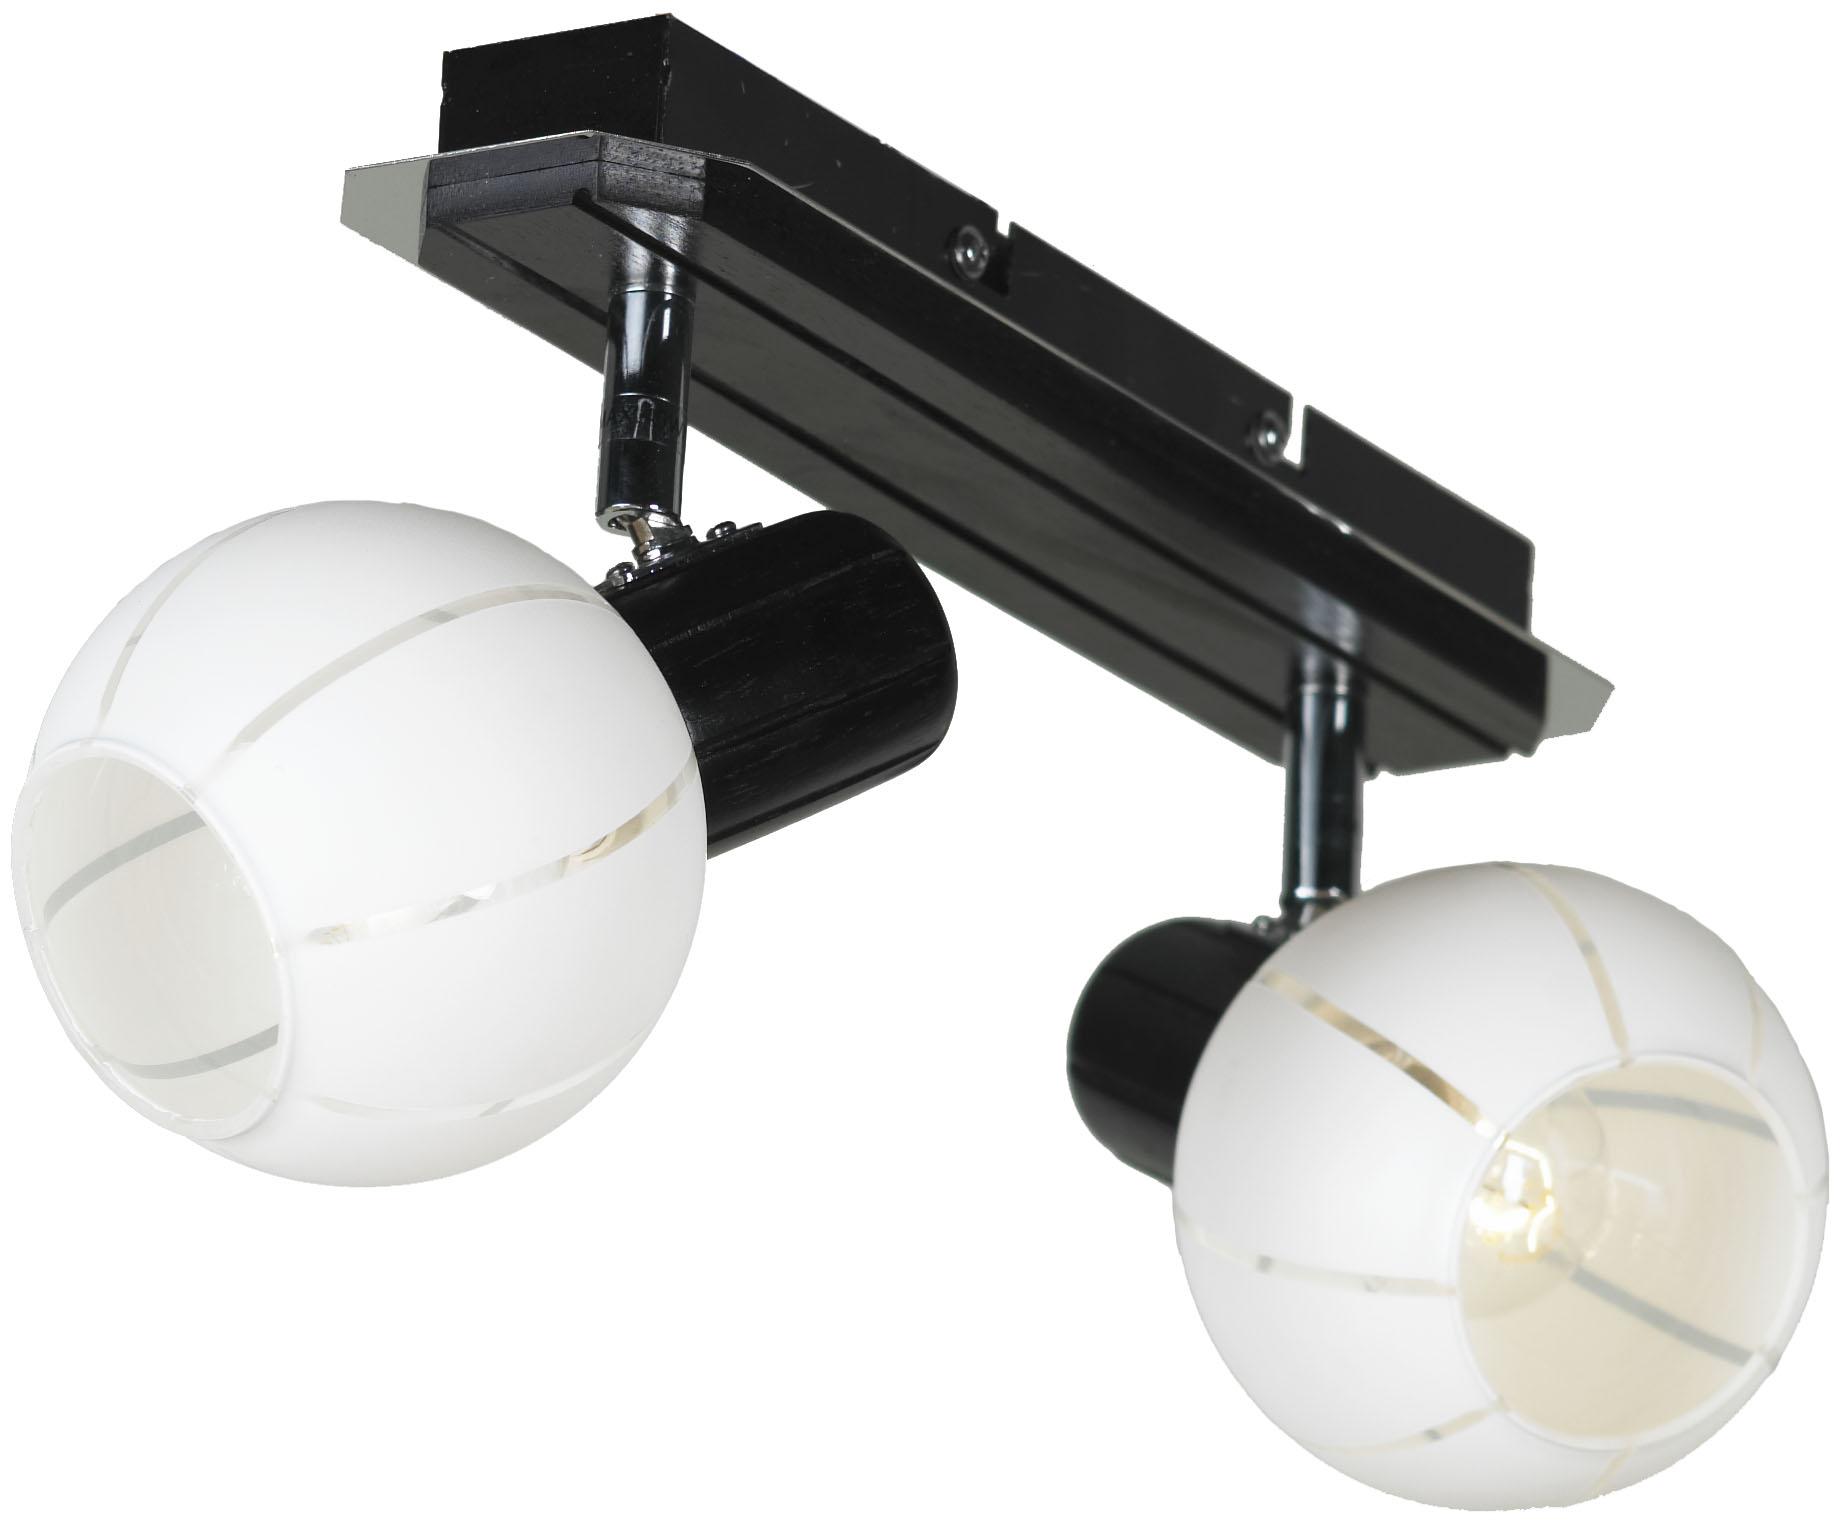 Спот LussoleСпоты<br>Тип: спот, Стиль светильника: модерн, Материал светильника: металл, стекло, Количество ламп: 2, Тип лампы: накаливания, Мощность: 40, Патрон: Е14, Цвет арматуры: хром, Ширина: 130<br>